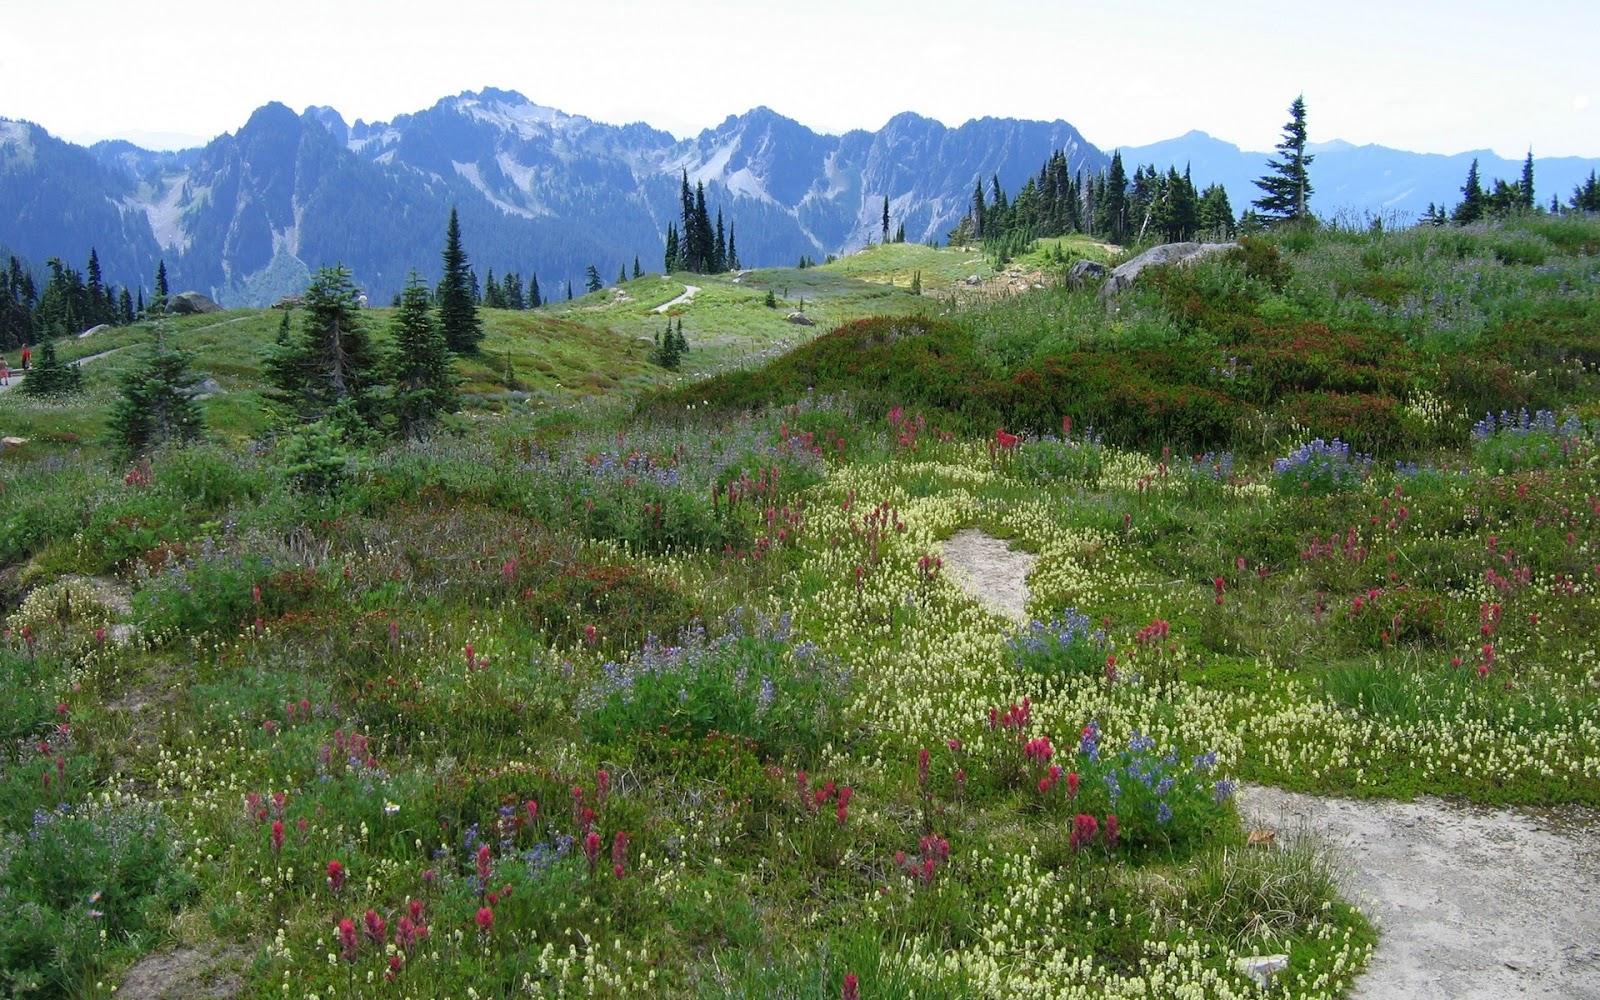 http://1.bp.blogspot.com/_BhRumUqjdYg/TUepoA3JG7I/AAAAAAAAAQ8/AdpGcDPEjvE/s1600/alps-mountains-spring-season-flowers-cool-pictures-+wallpapers.jpg